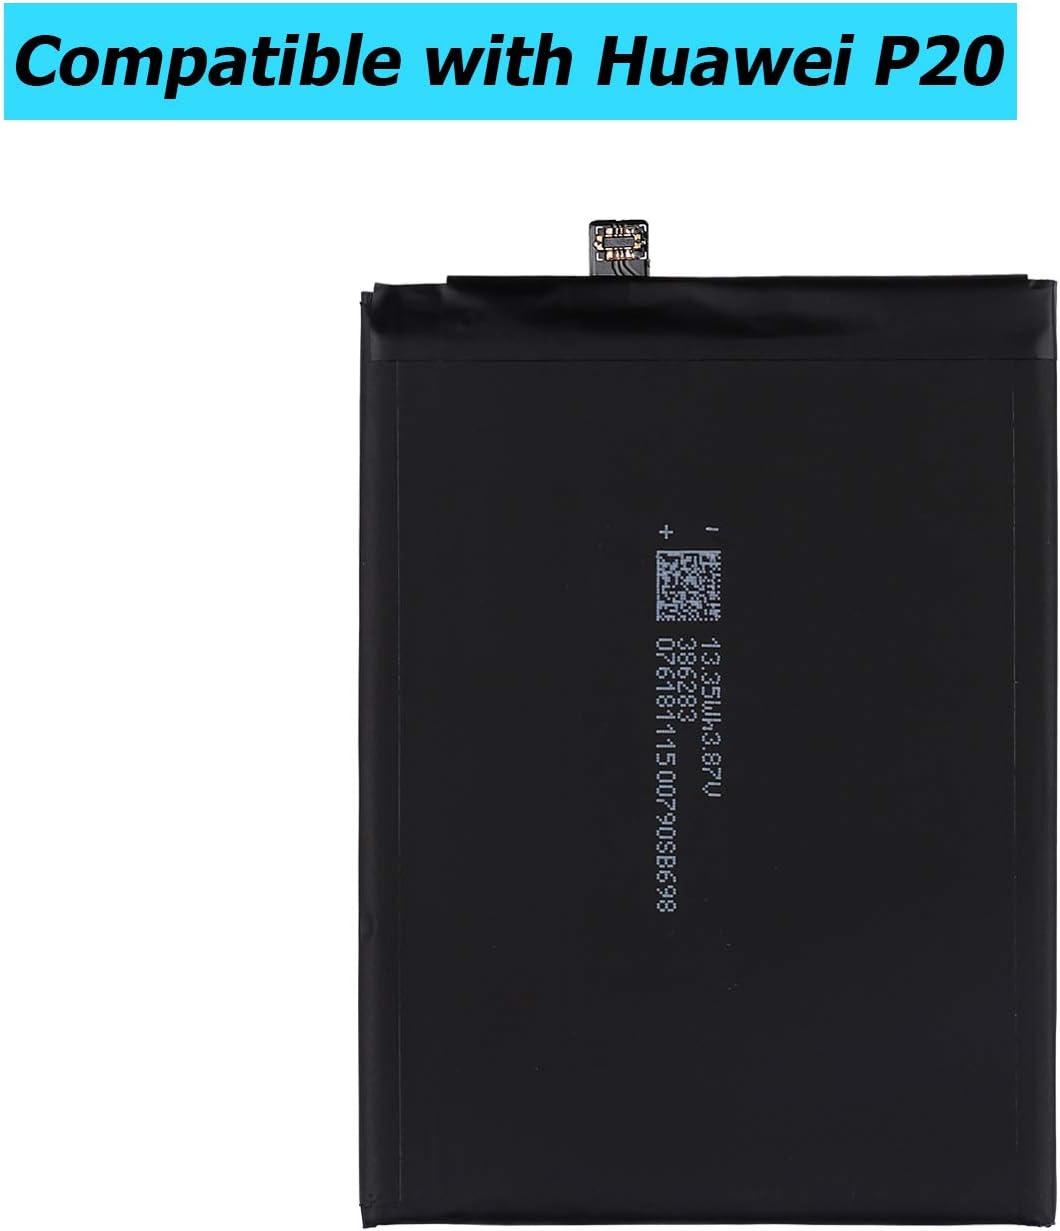 Upplus HB396285ECW 3300 mAh, con Kit de Herramientas Bater/ía de Repuesto Compatible con Huawei P20 EML-AL00